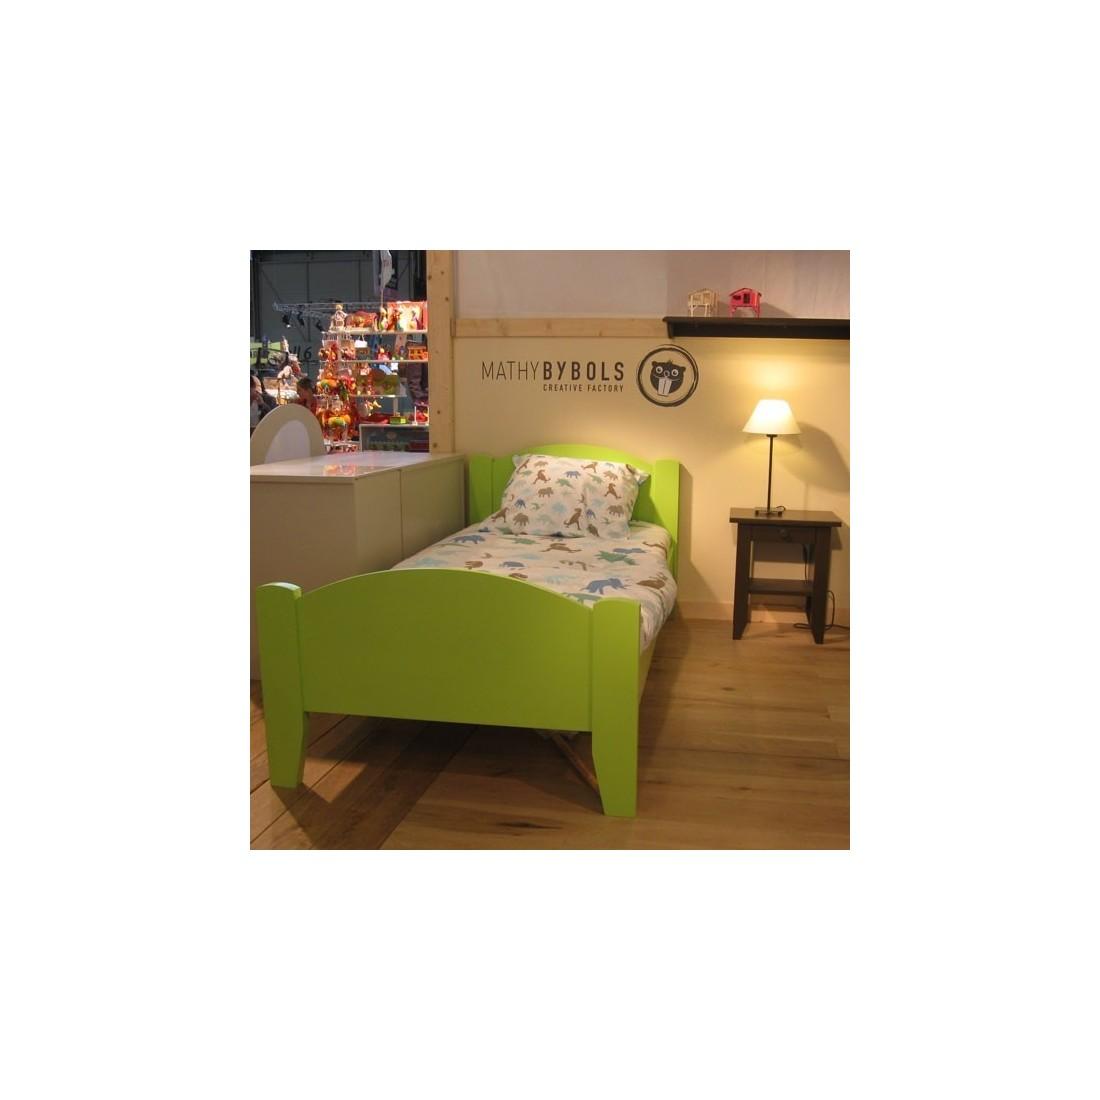 lit enfant et table de chevet tilleul lisb coloris au choix mathy by bols ma chambramoi. Black Bedroom Furniture Sets. Home Design Ideas